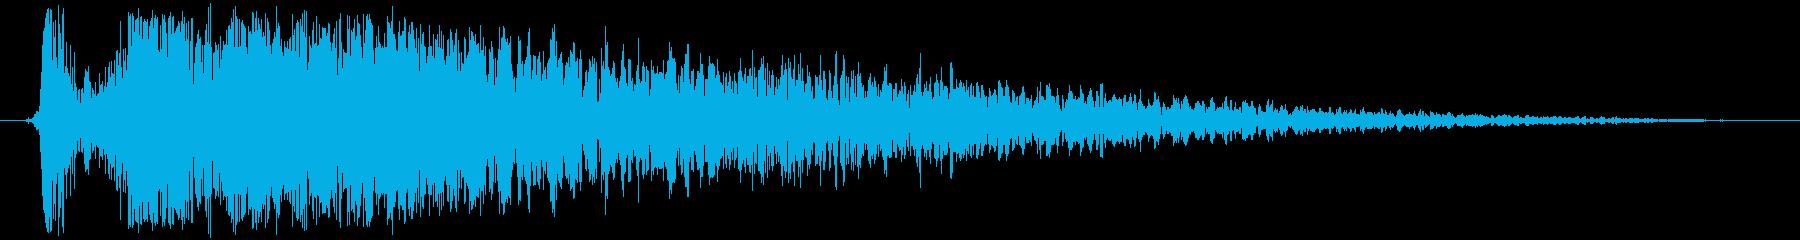 火 スペルファイアキャストラージ02の再生済みの波形